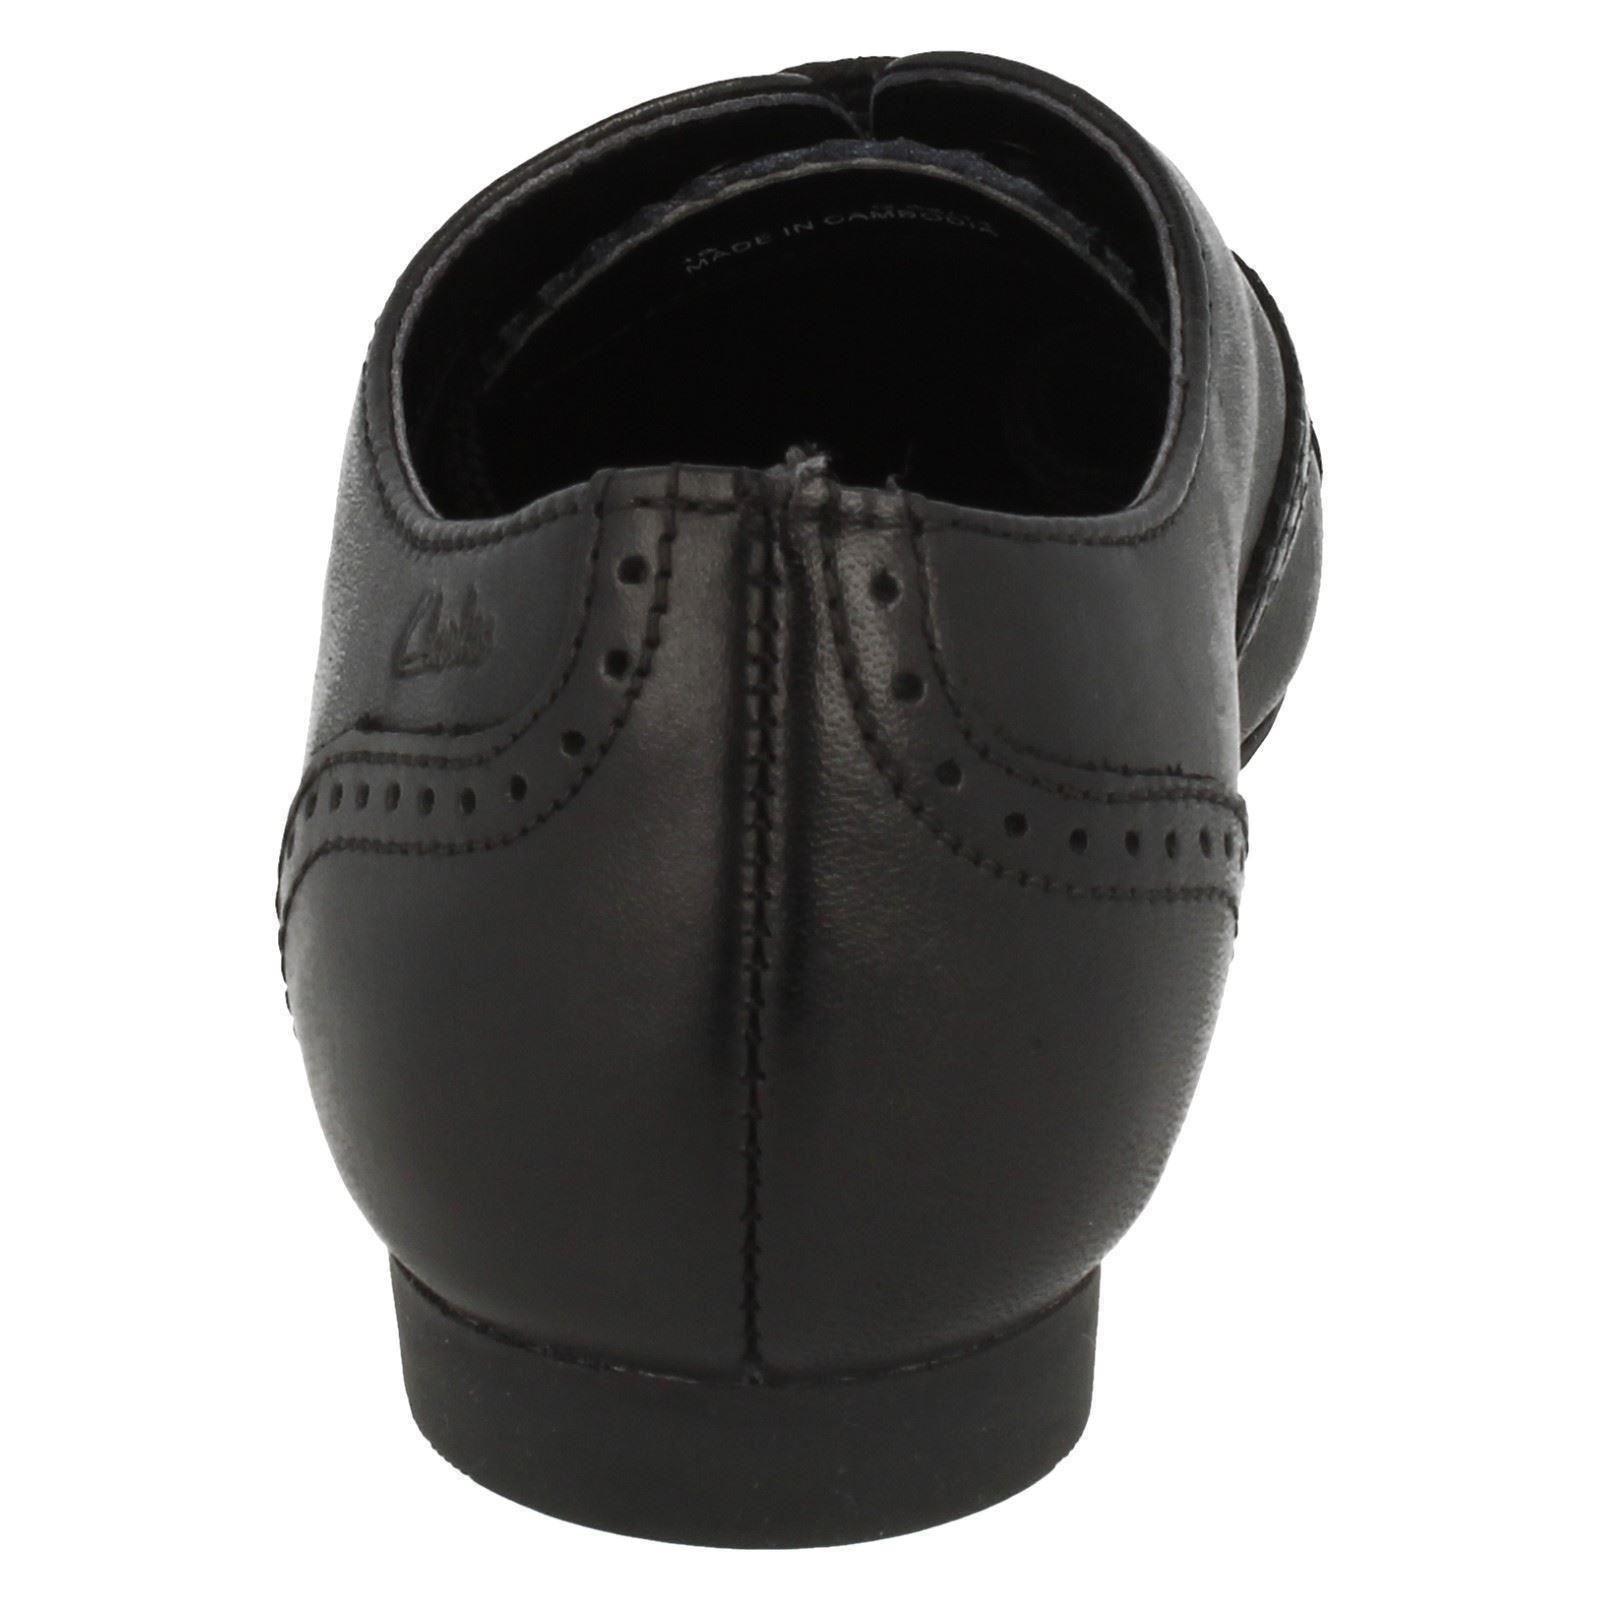 Clarks Girls Smart School Shoe Erica Lace